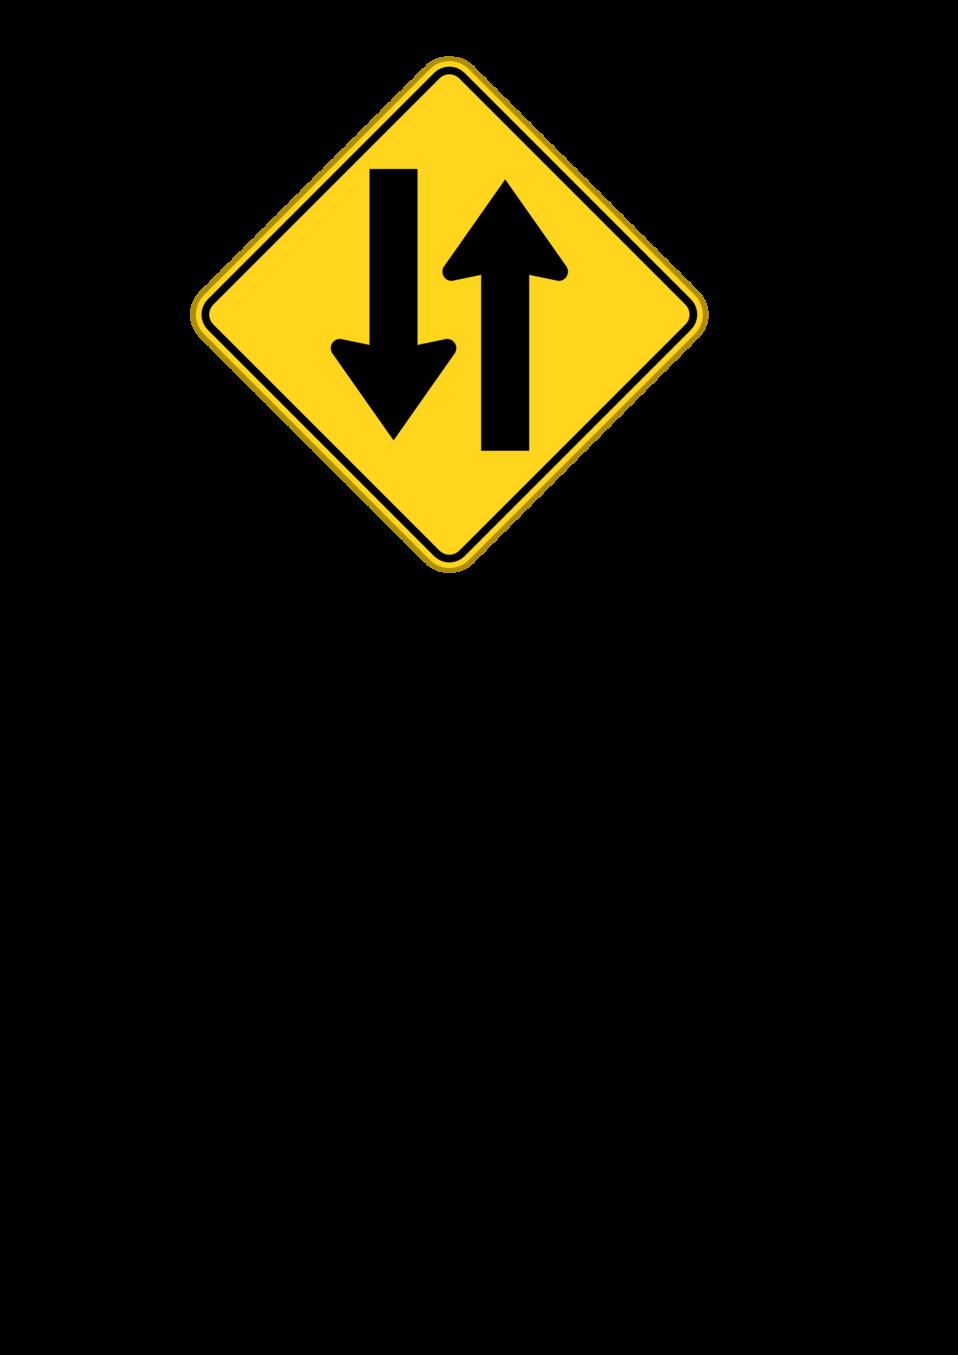 to way warning sign